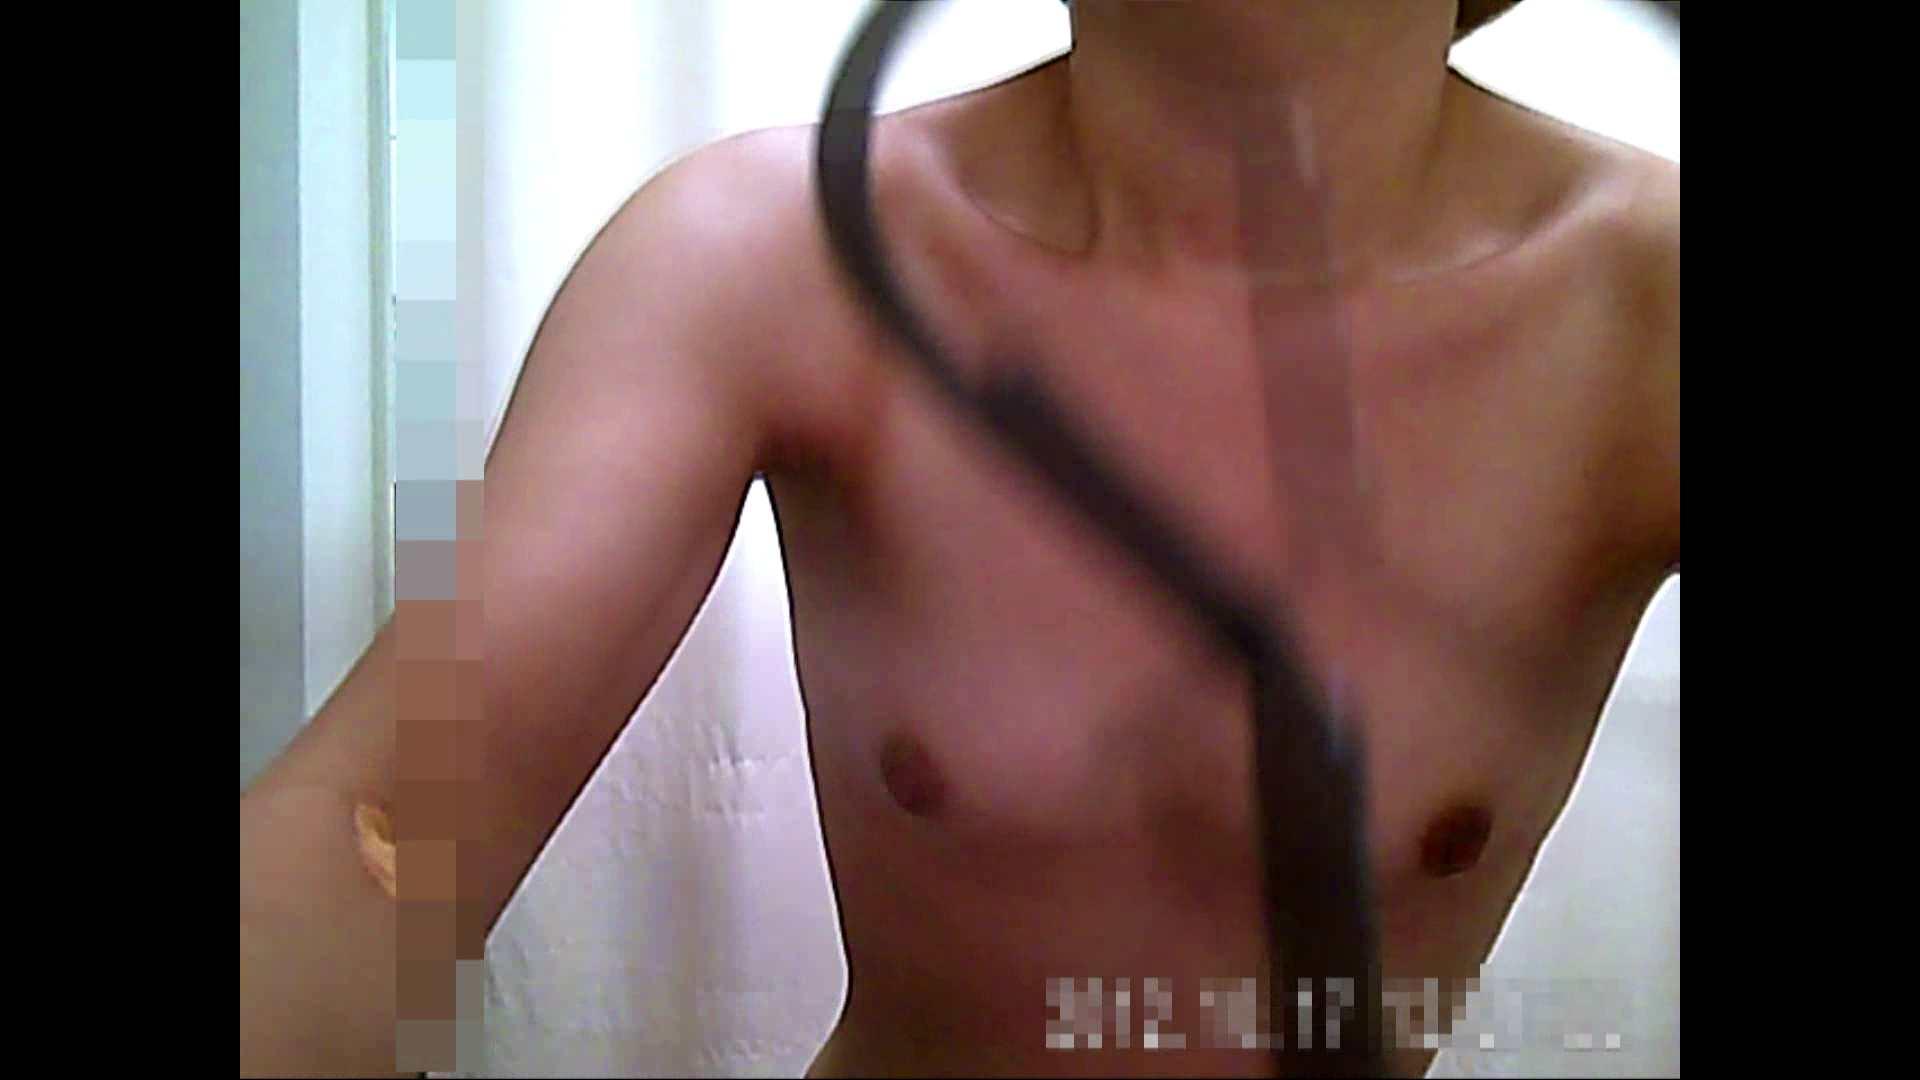 元医者による反抗 更衣室地獄絵巻 vol.055 OLのボディ | 0  84PIX 73